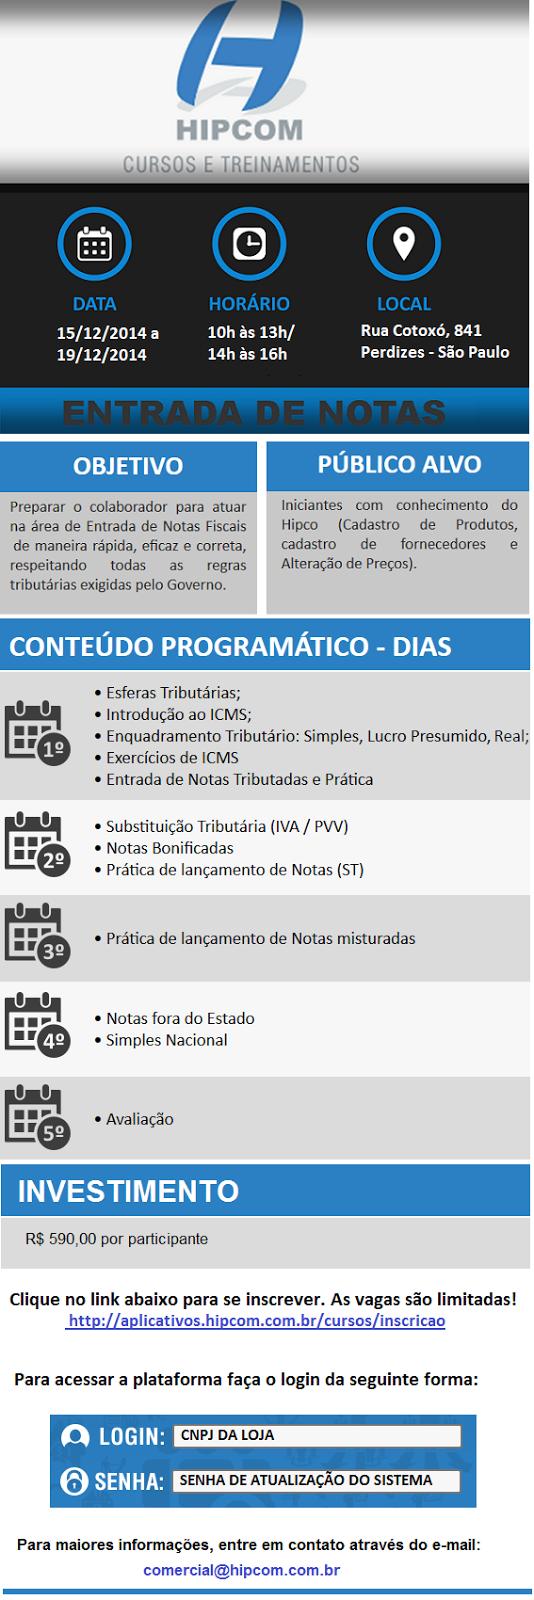 http://aplicativos.hipcom.com.br/cursos/Inscricao